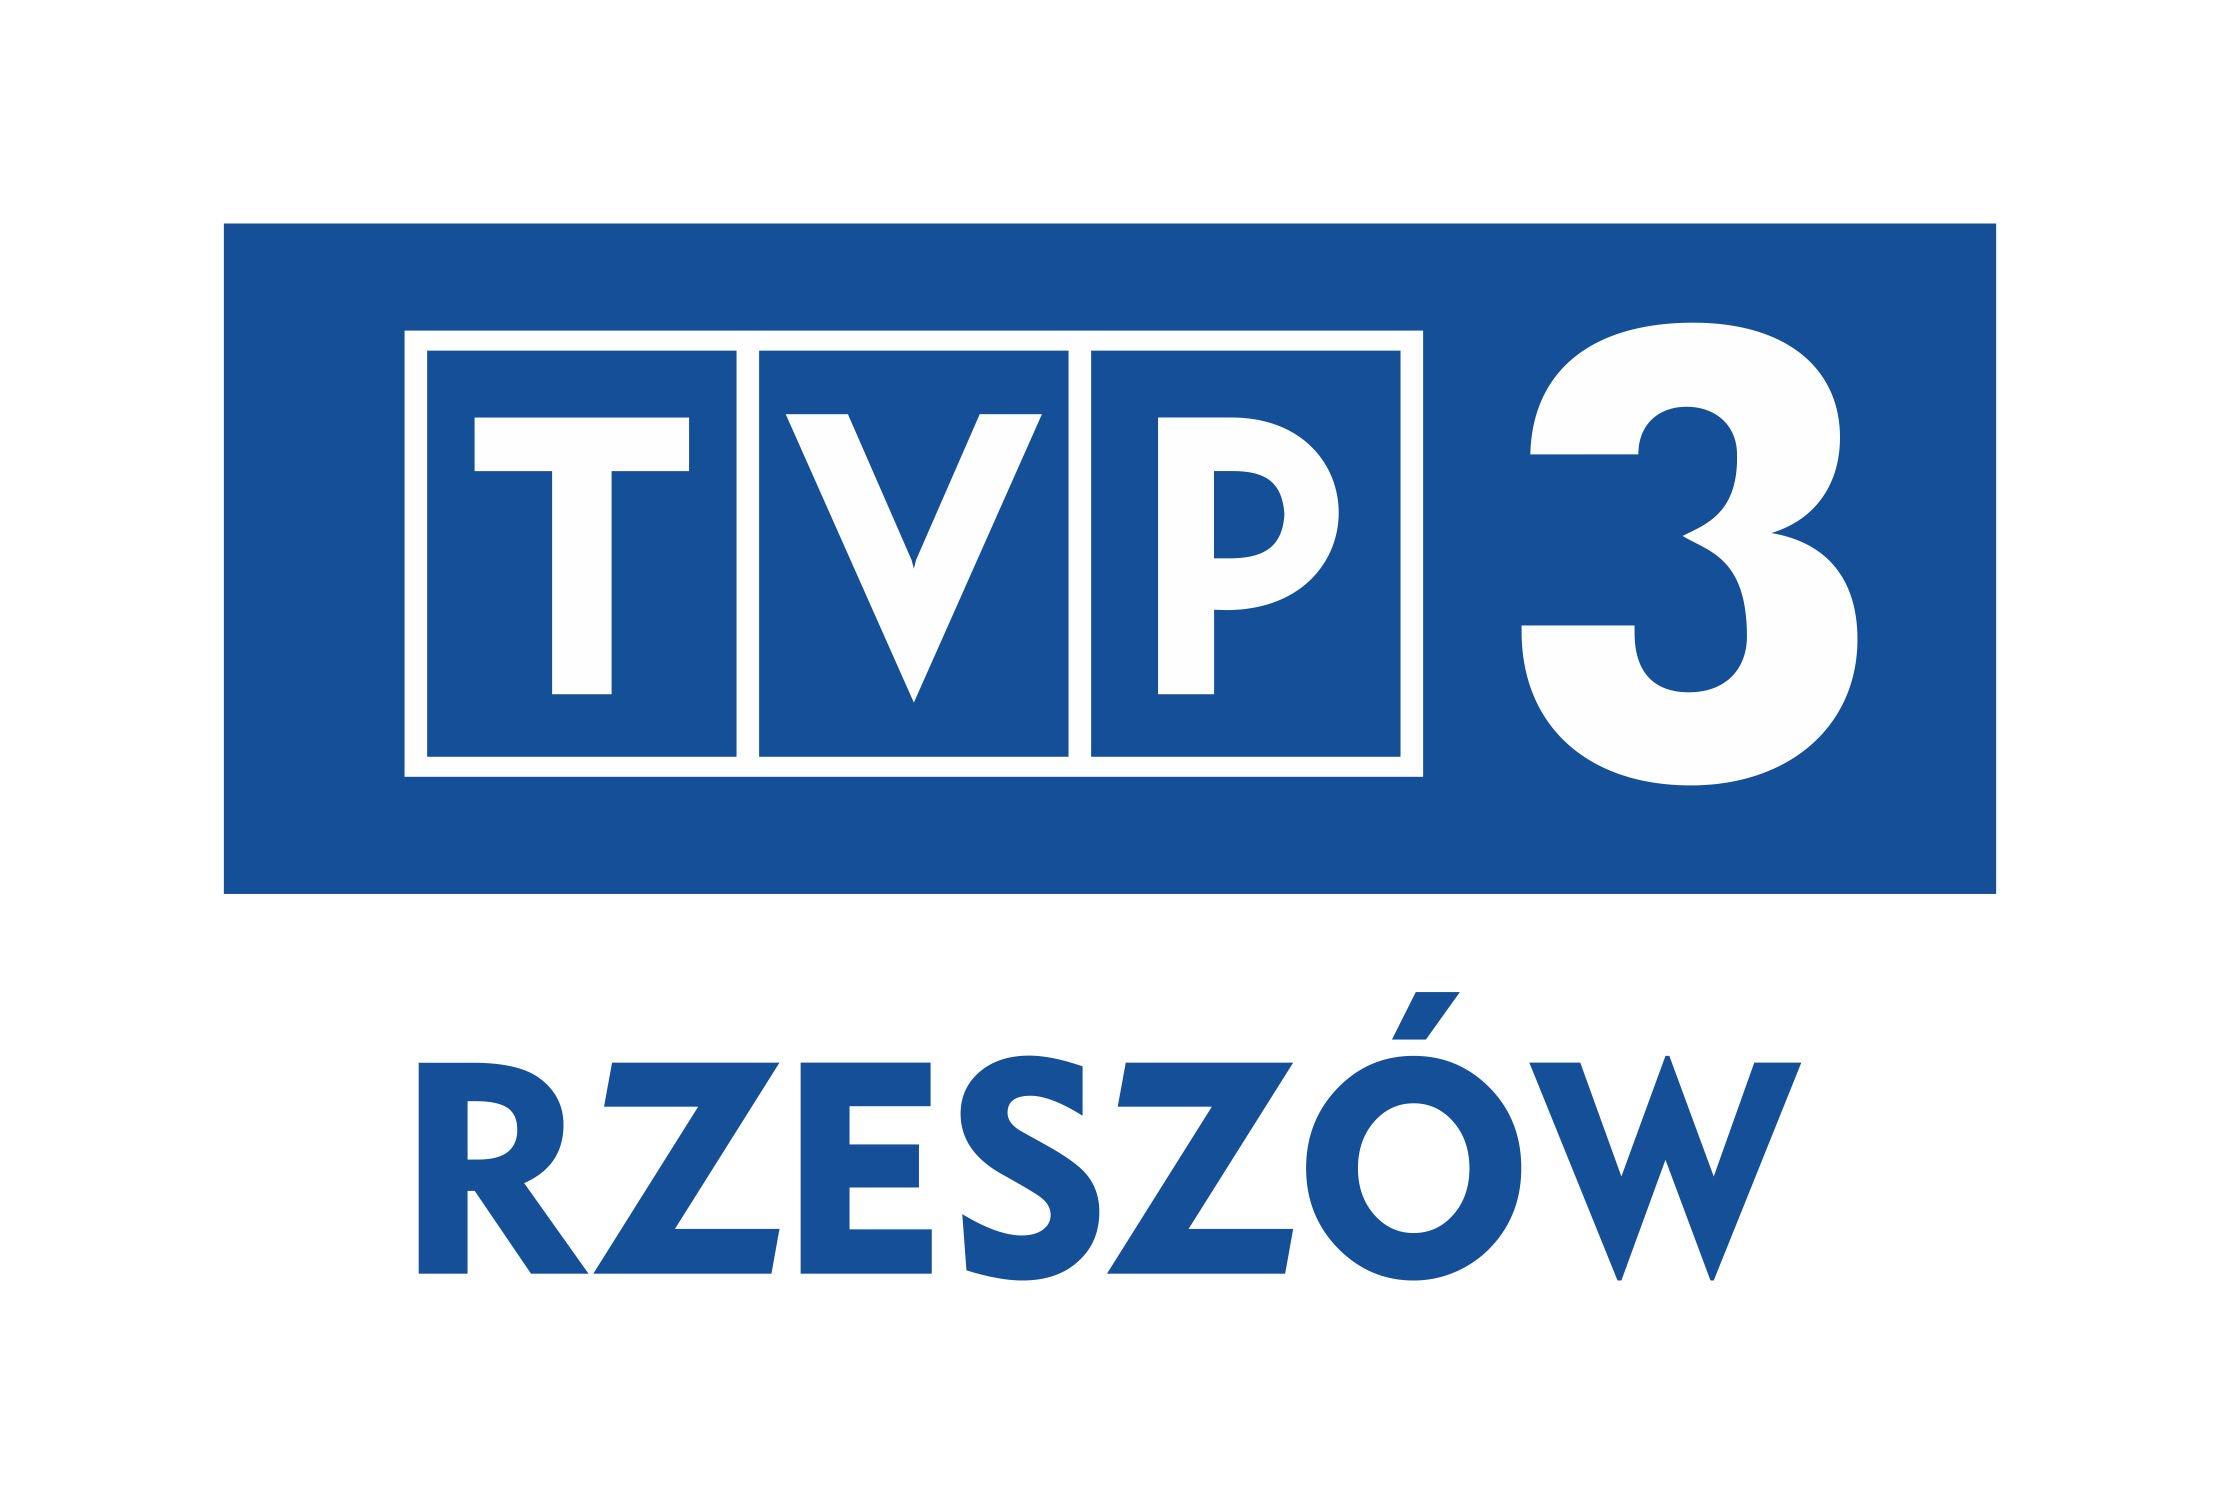 Uroczystość w Zgłobniu w TVP i Radiu Rzeszów!